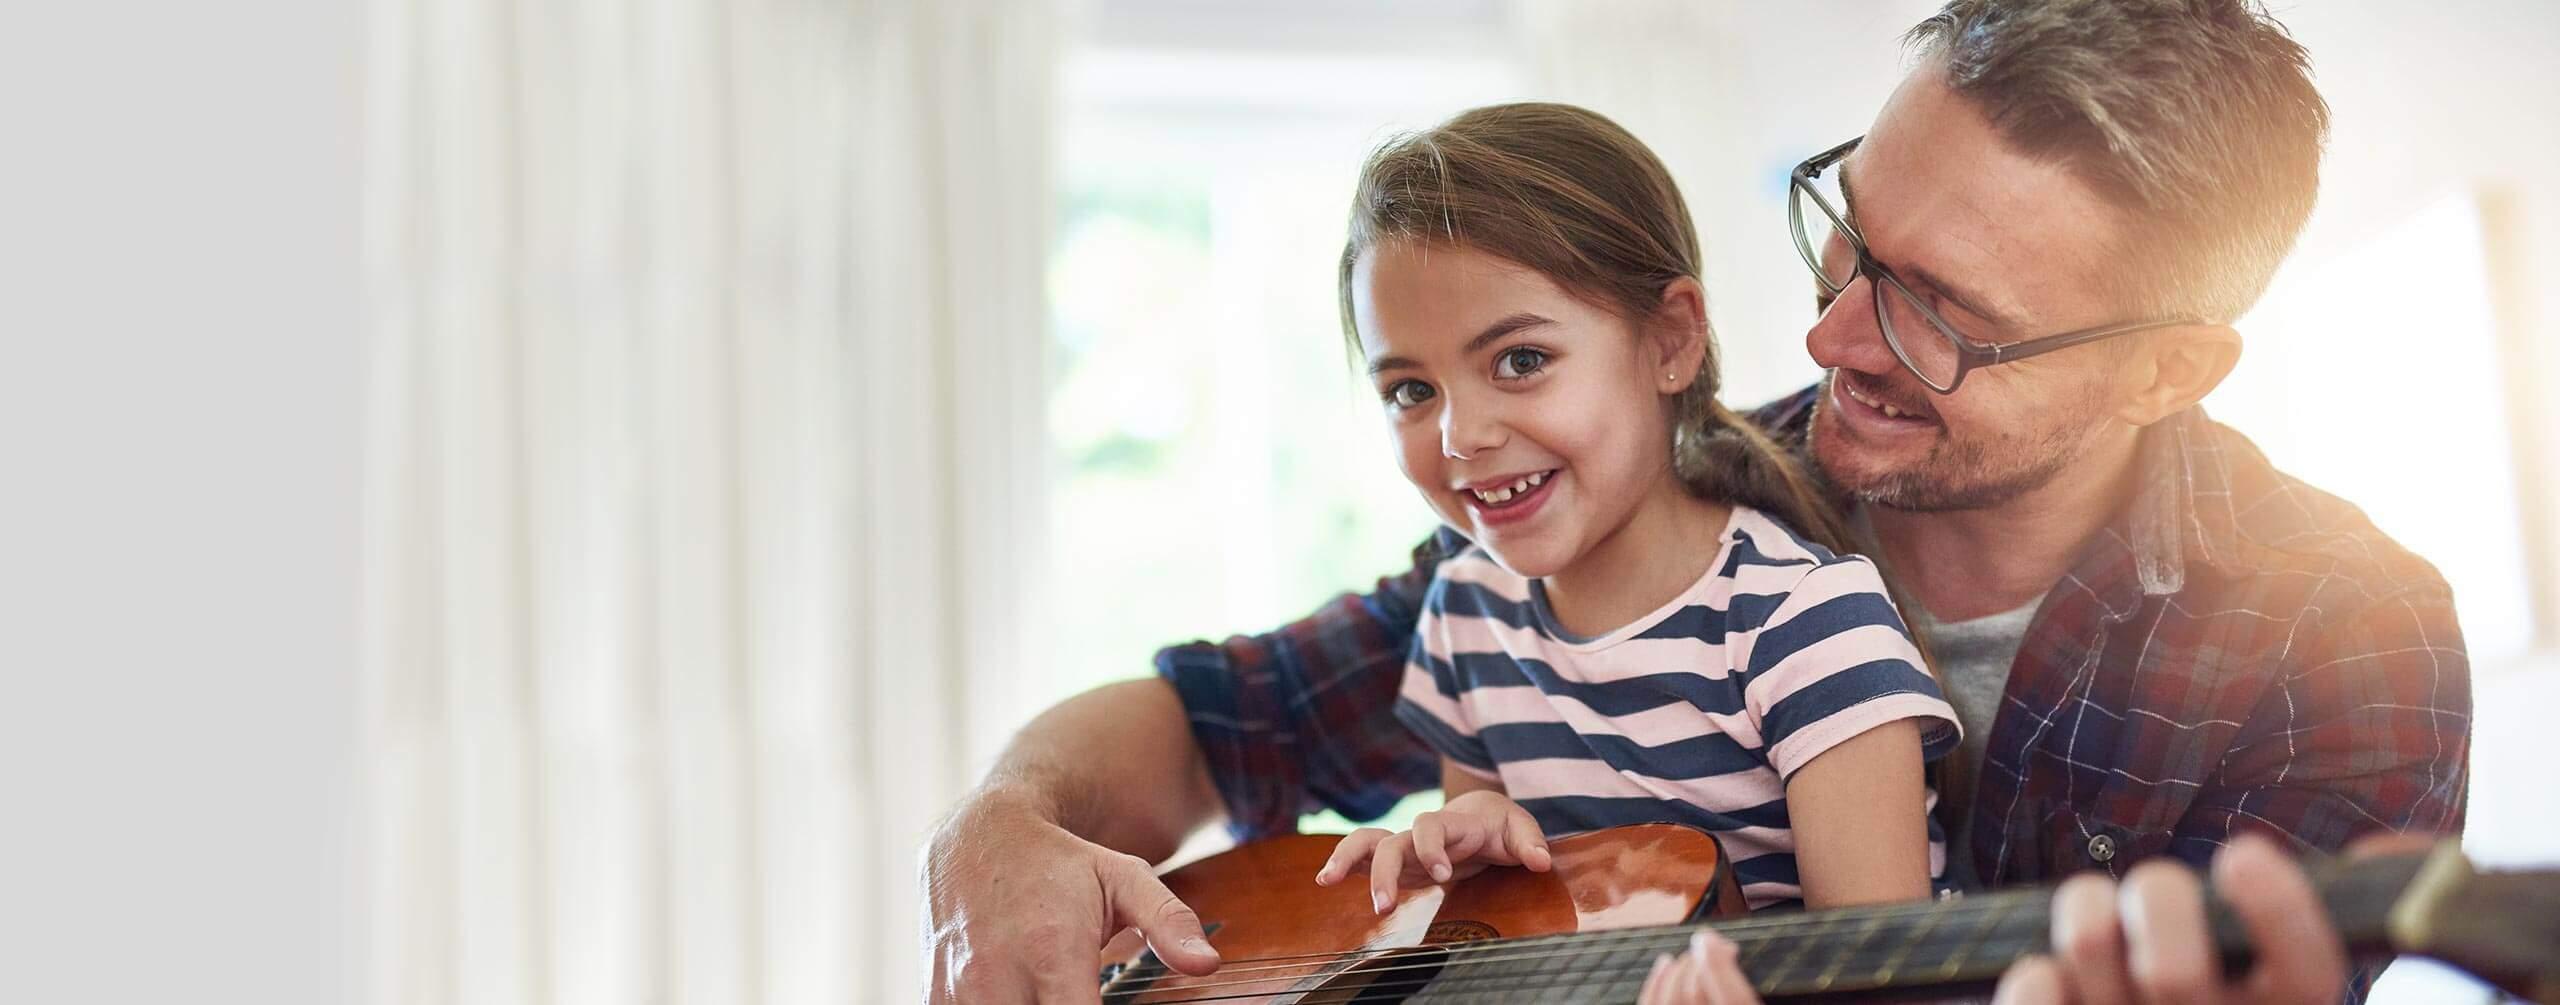 Vater und Tochter spielen zusammen auf der Gitarre